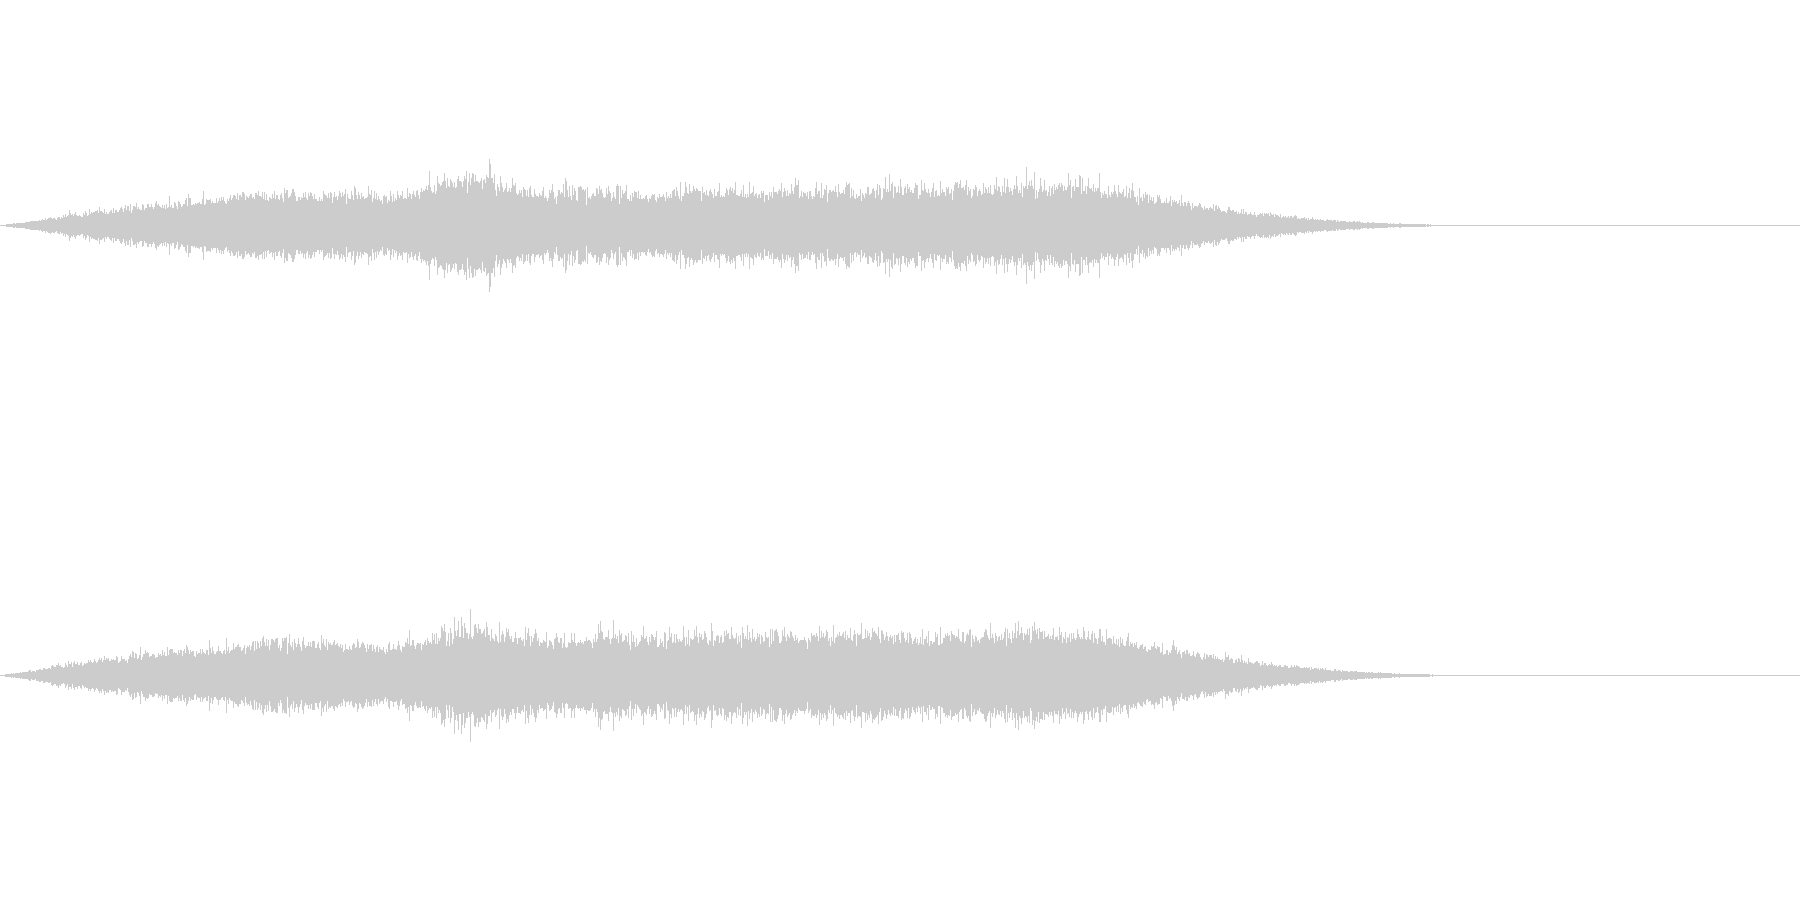 ワァーキャー!コンサートライブの歓声10の未再生の波形